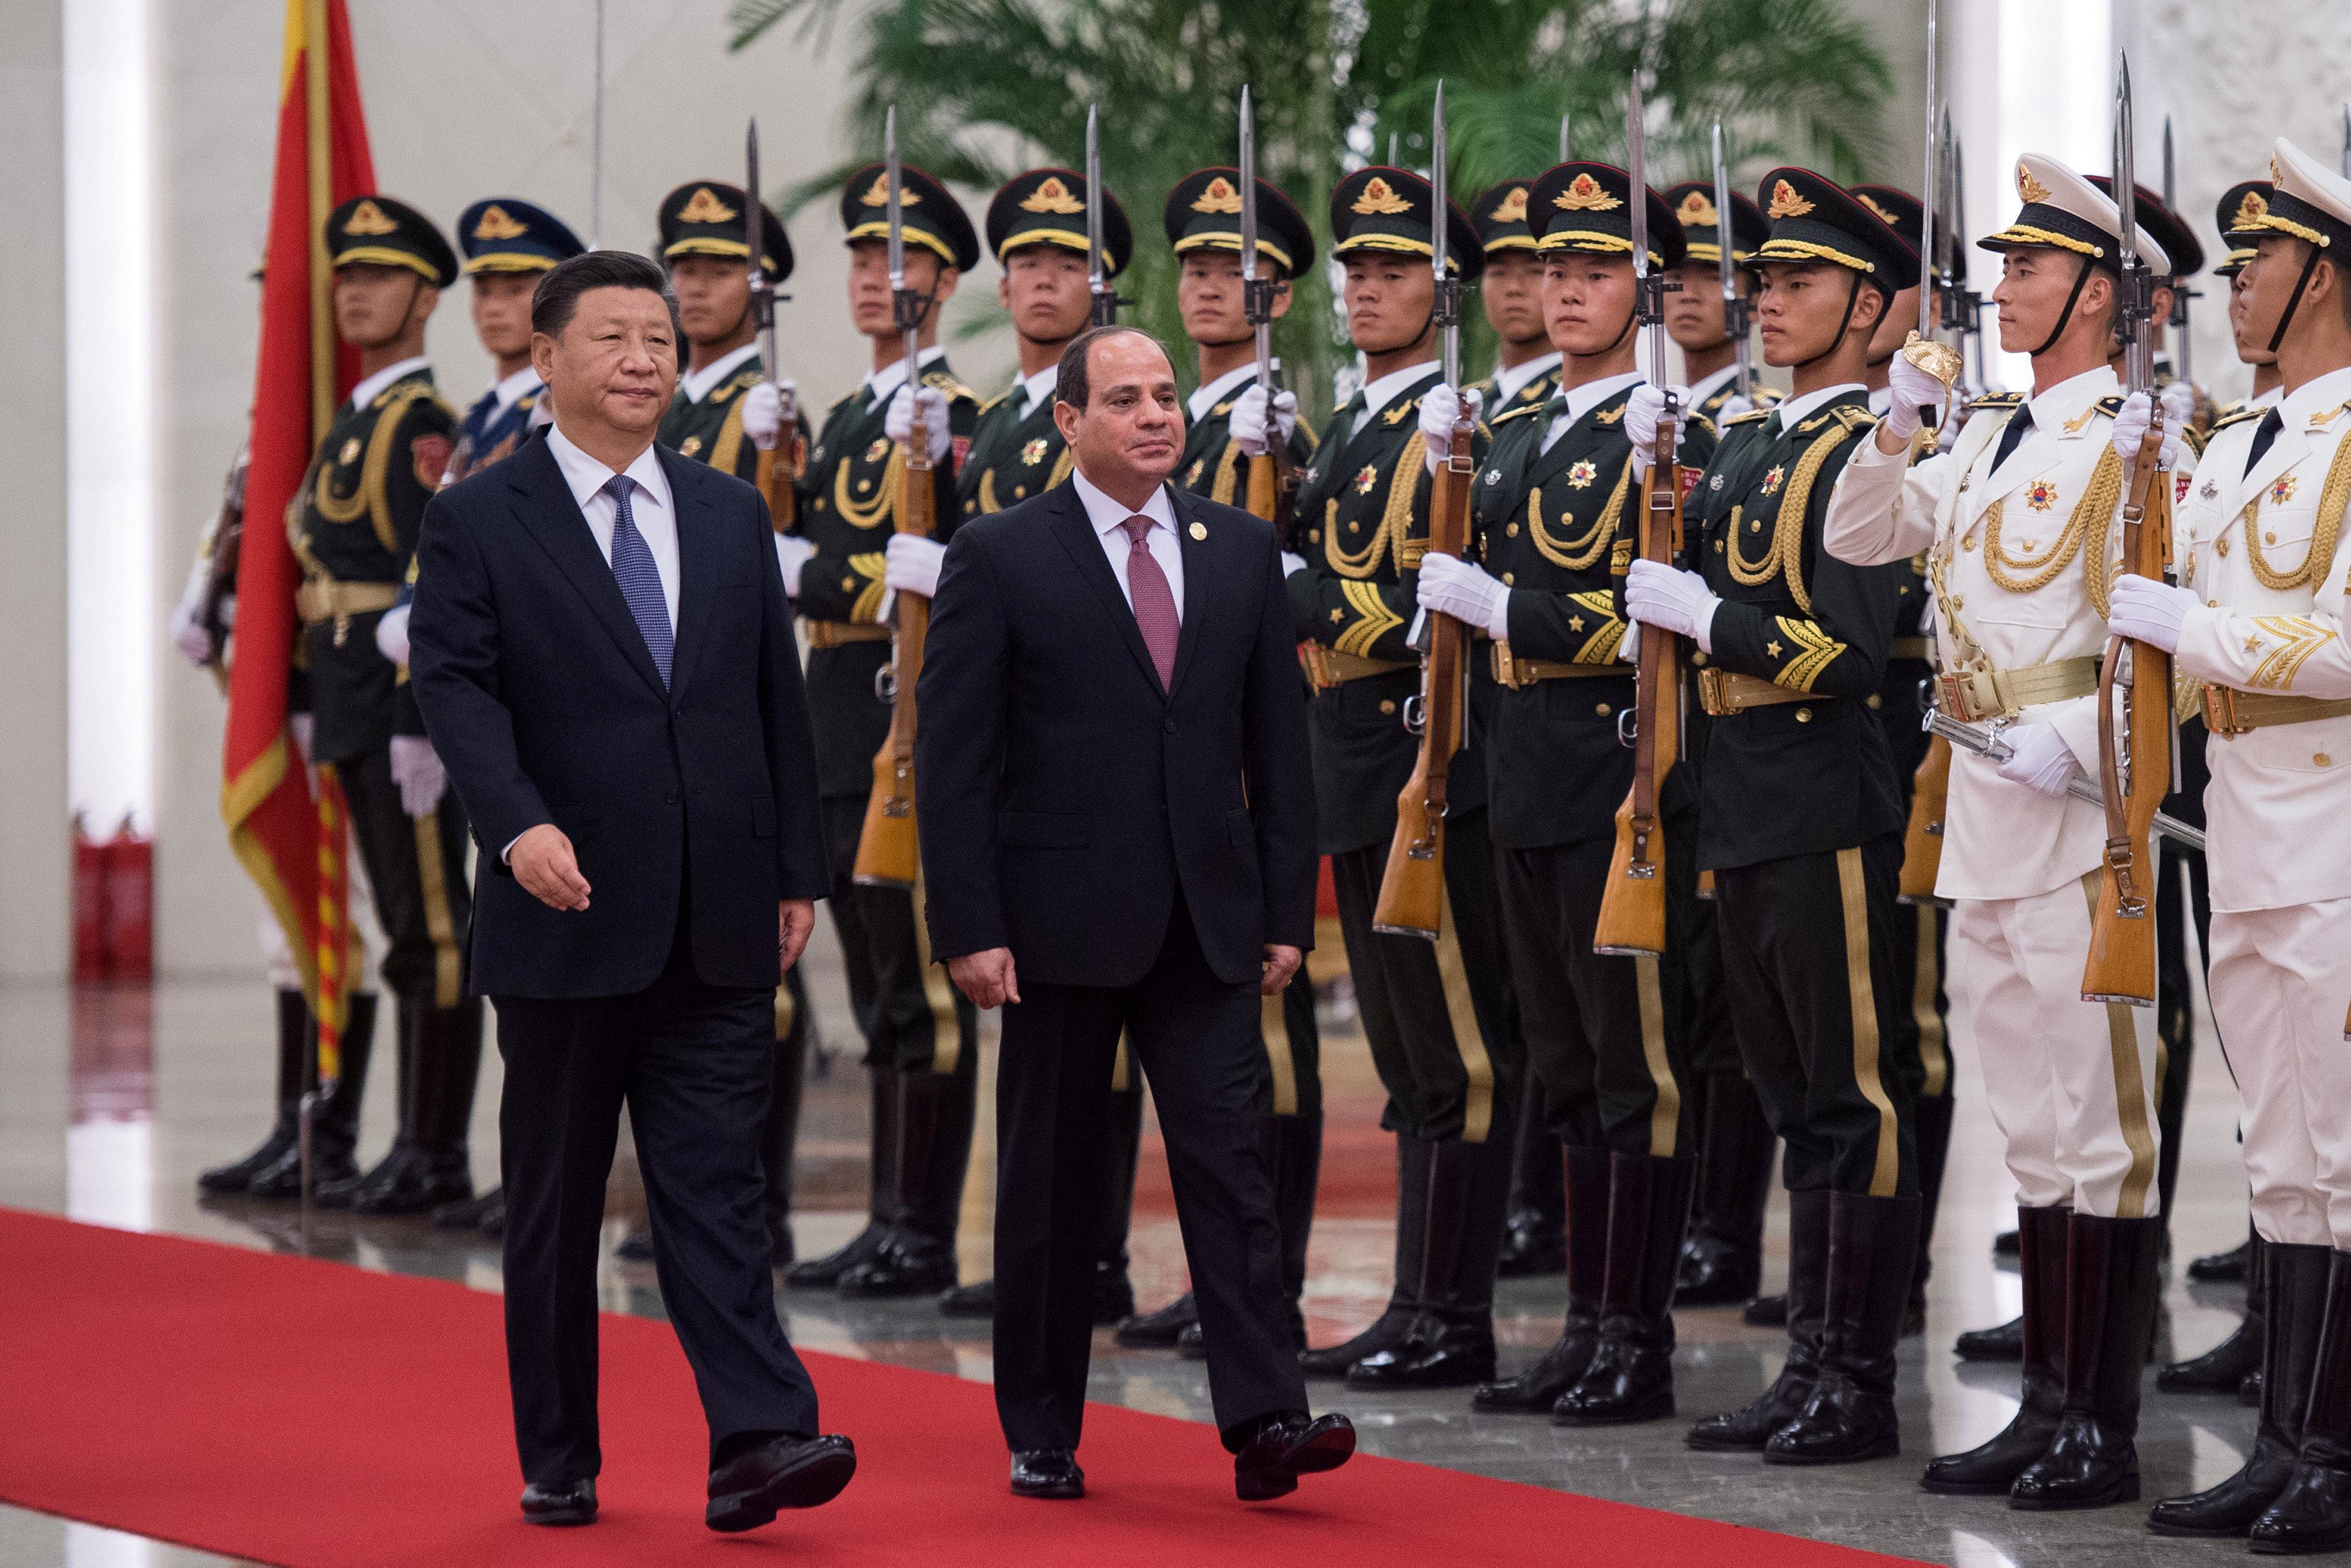 مراسم استقبال رسمية للسيسى فى بكين  (10)